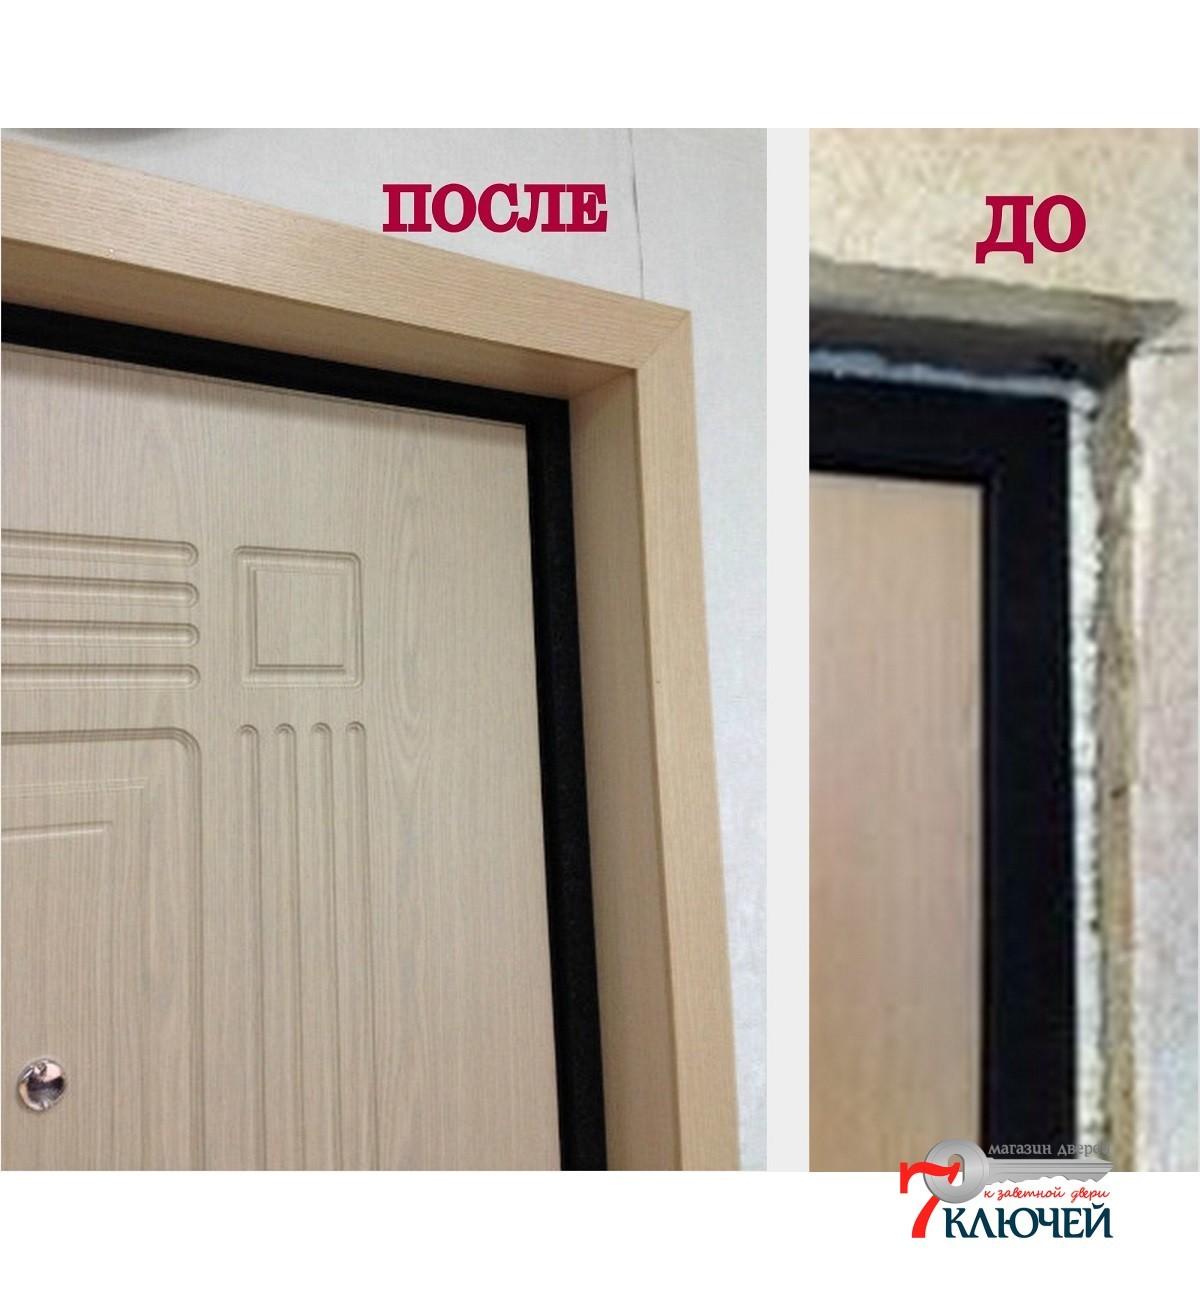 Как установить межкомнатную дверь 24